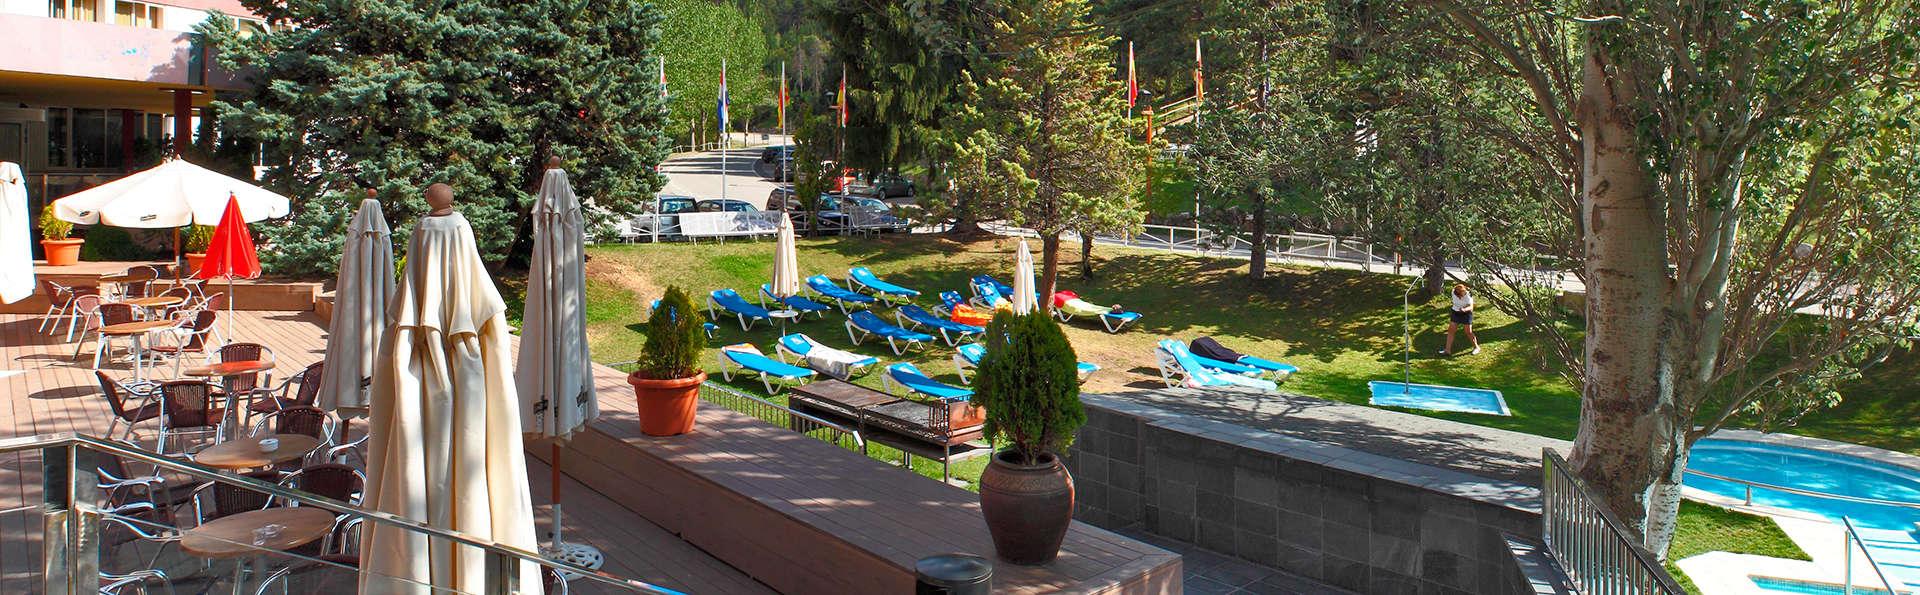 Alp Hotel Masella - EDIT_exterior.jpg